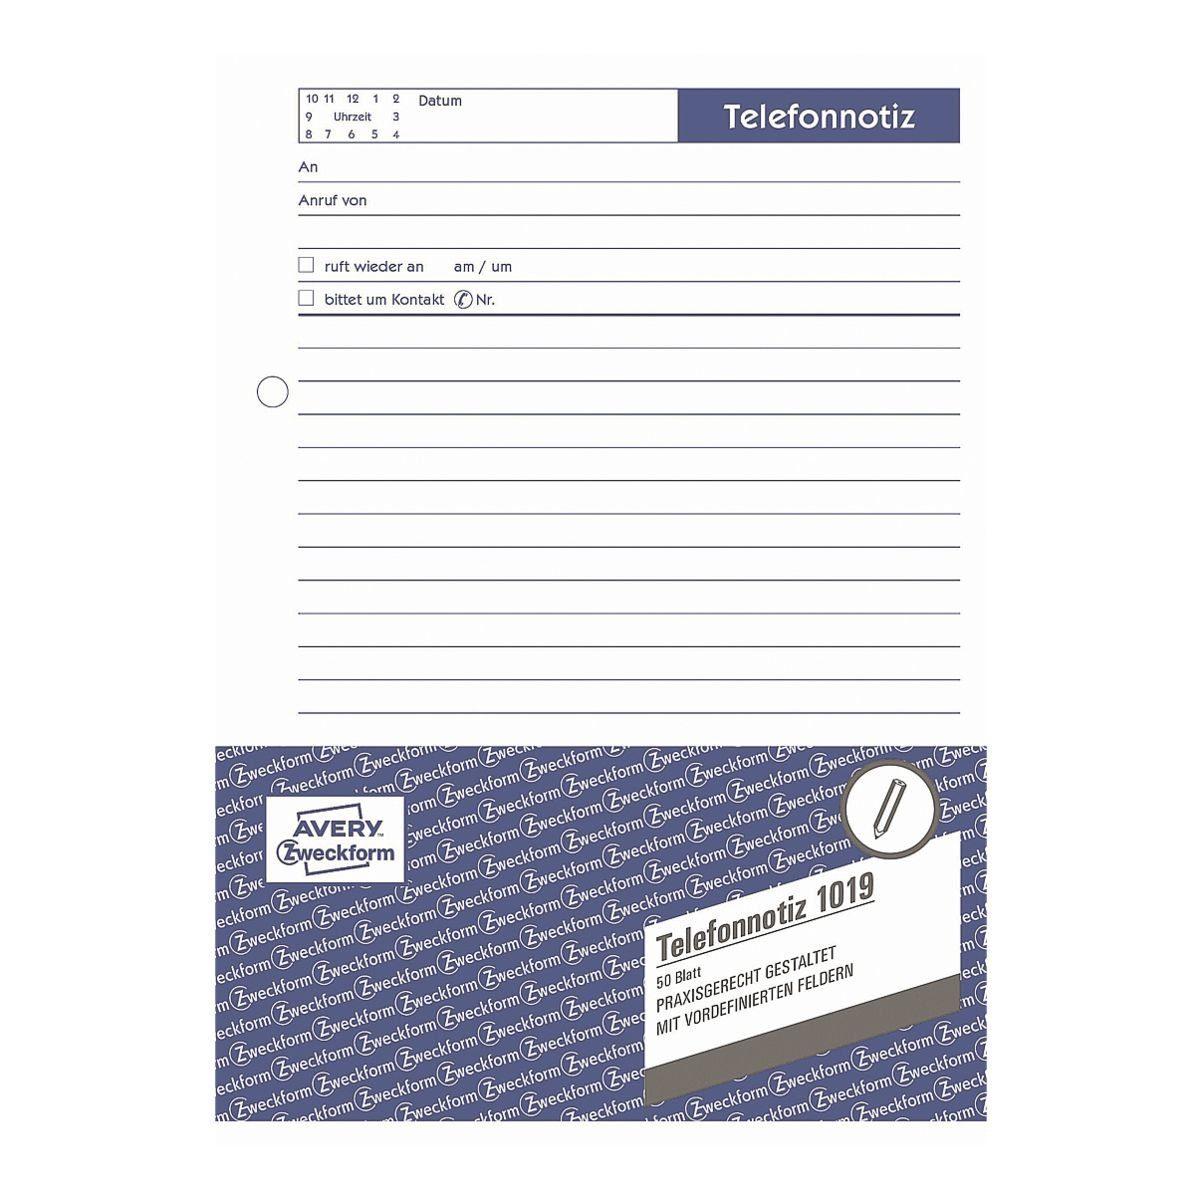 Avery Zweckform Formularvordrucke »Telefonnotiz«